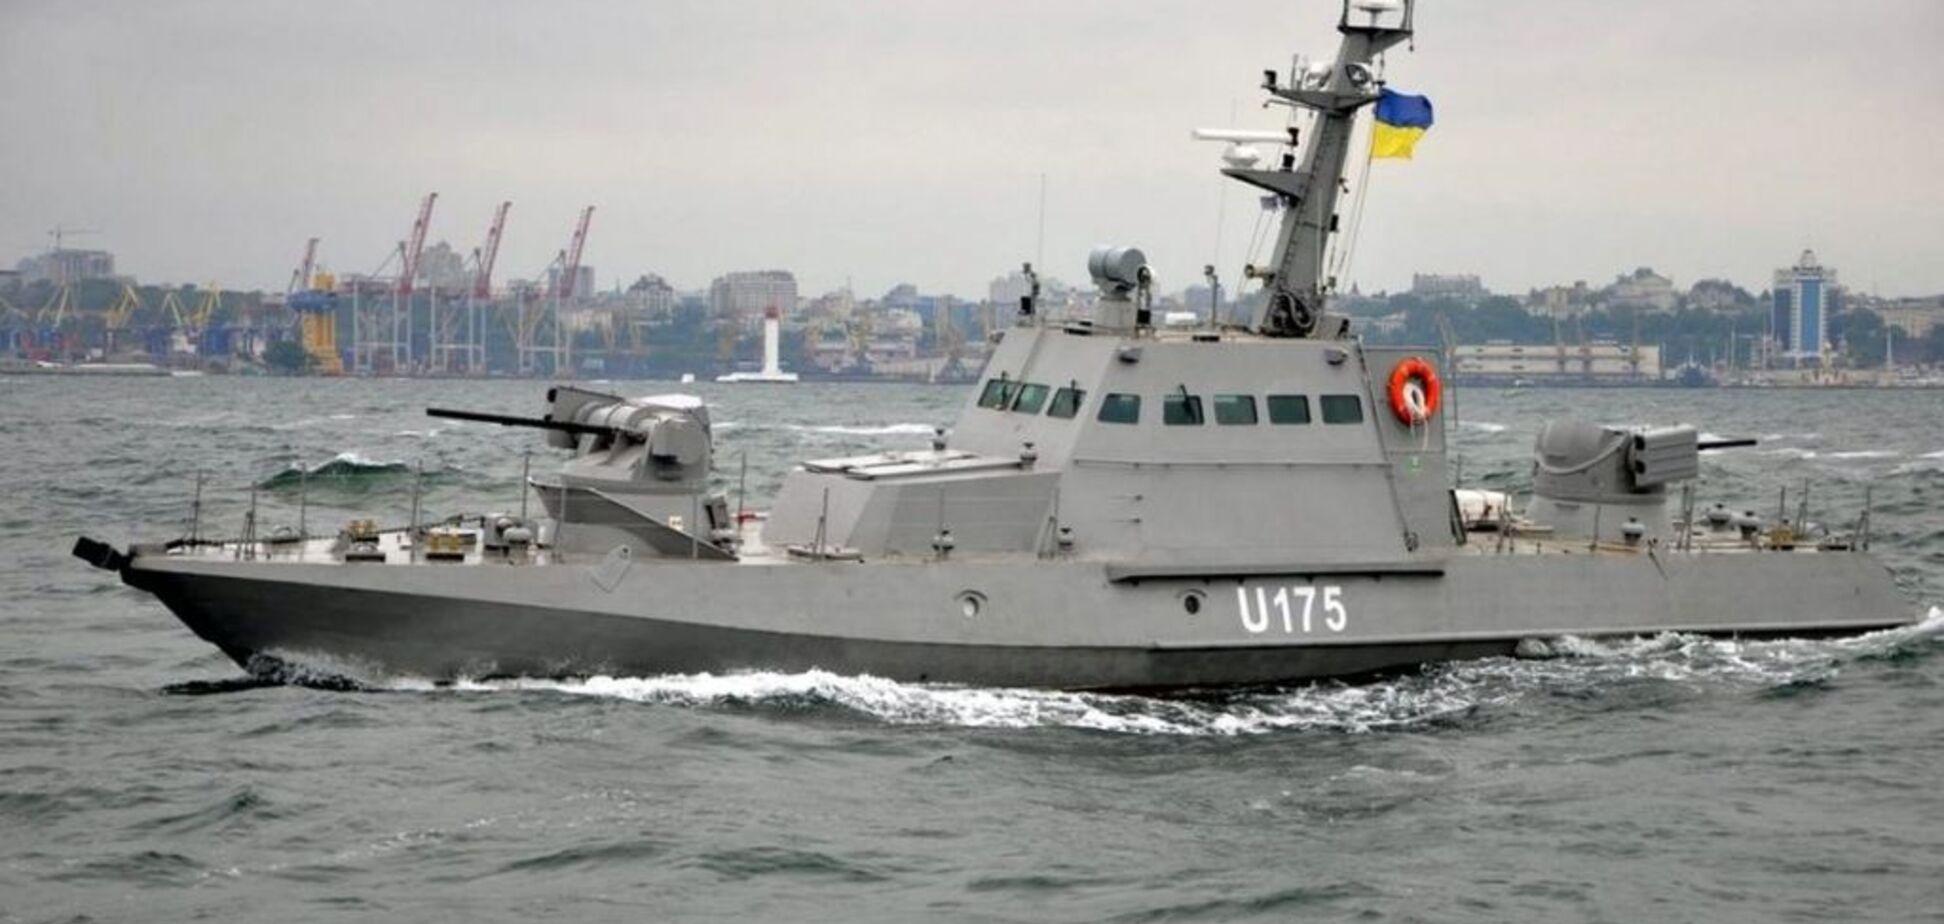 'Згадати Другу світову': озвучений план дій України в Азовському морі